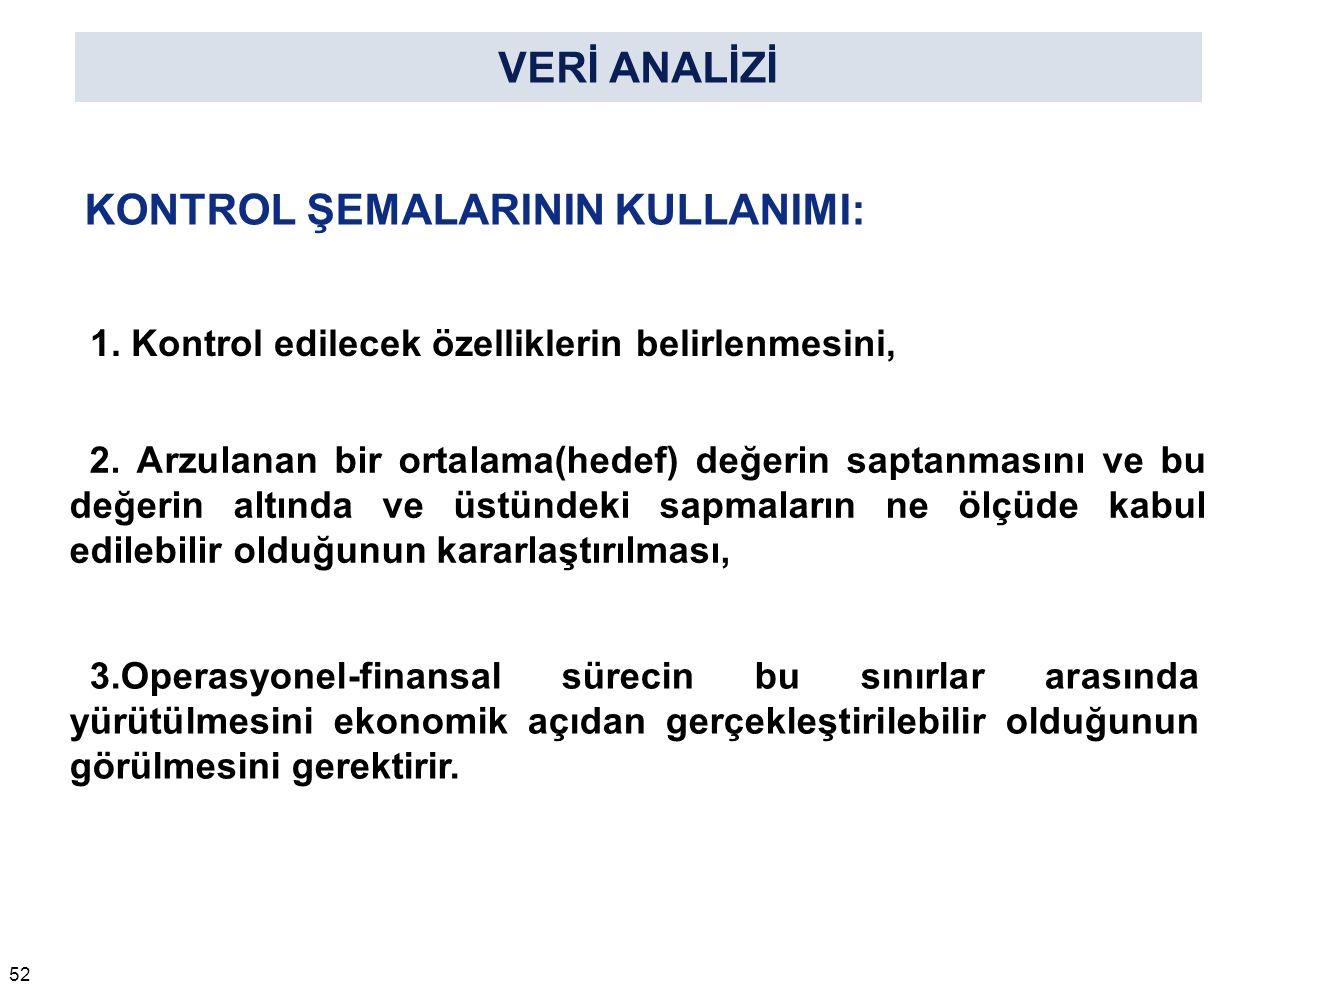 VERİ ANALİZİ 52 KONTROL ŞEMALARININ KULLANIMI: 1.Kontrol edilecek özelliklerin belirlenmesini, 2.